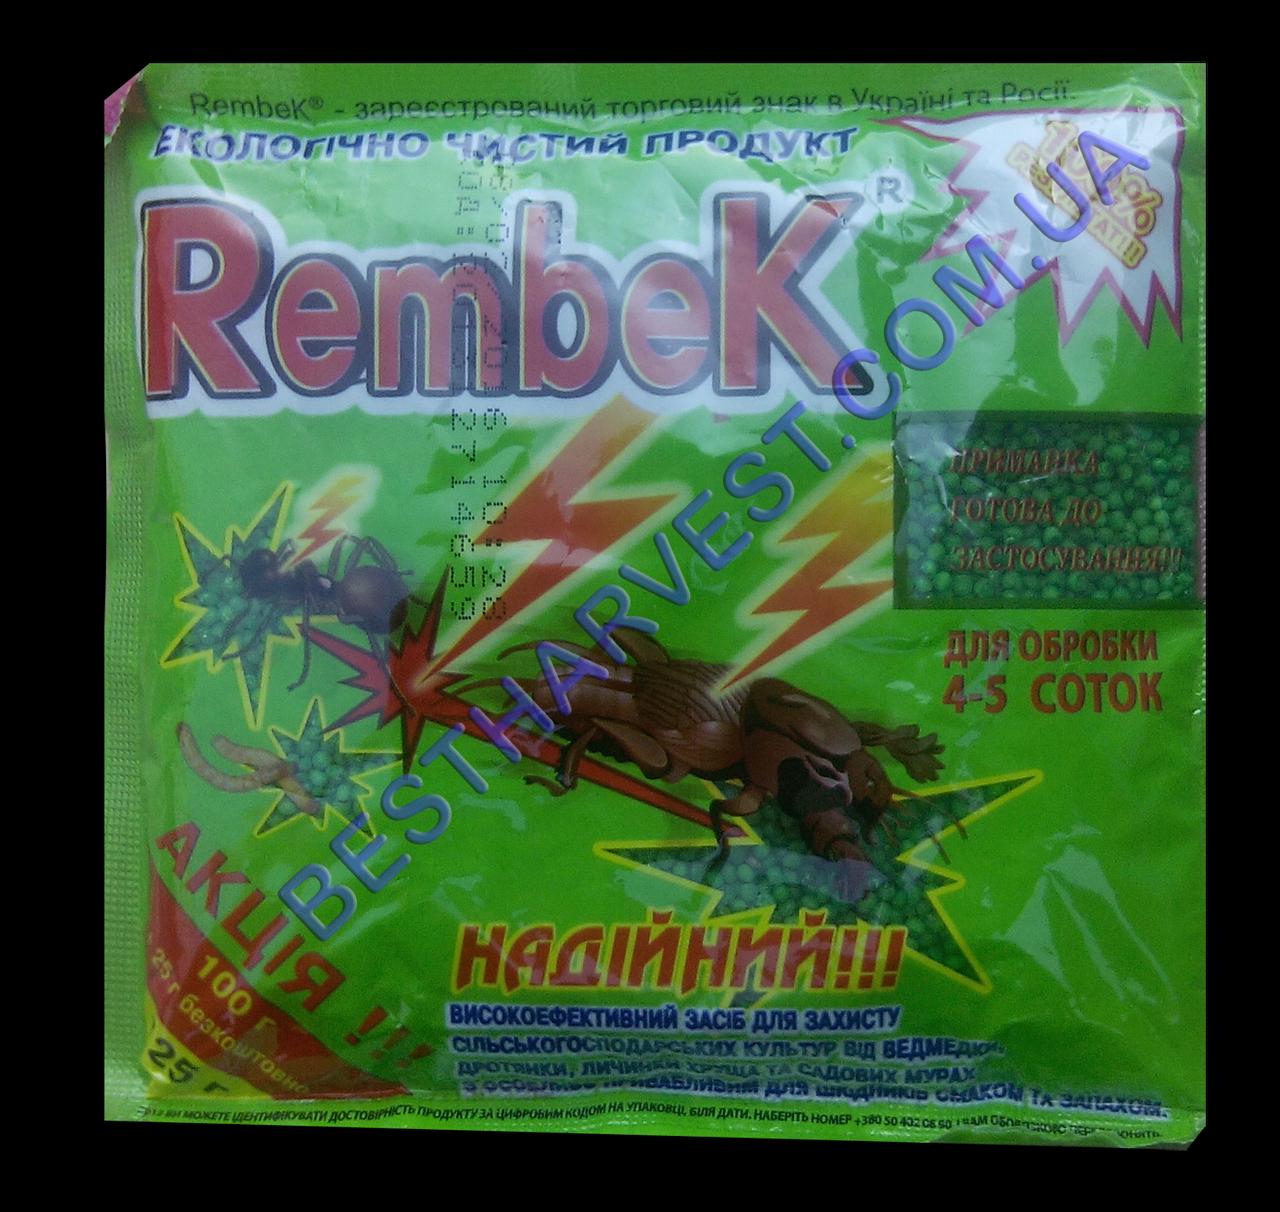 """Рембек пшено 125 г оригинал - """"BEST HARVEST"""" - семена овощей и СЗР, оптовый интернет-магазин в Одессе"""